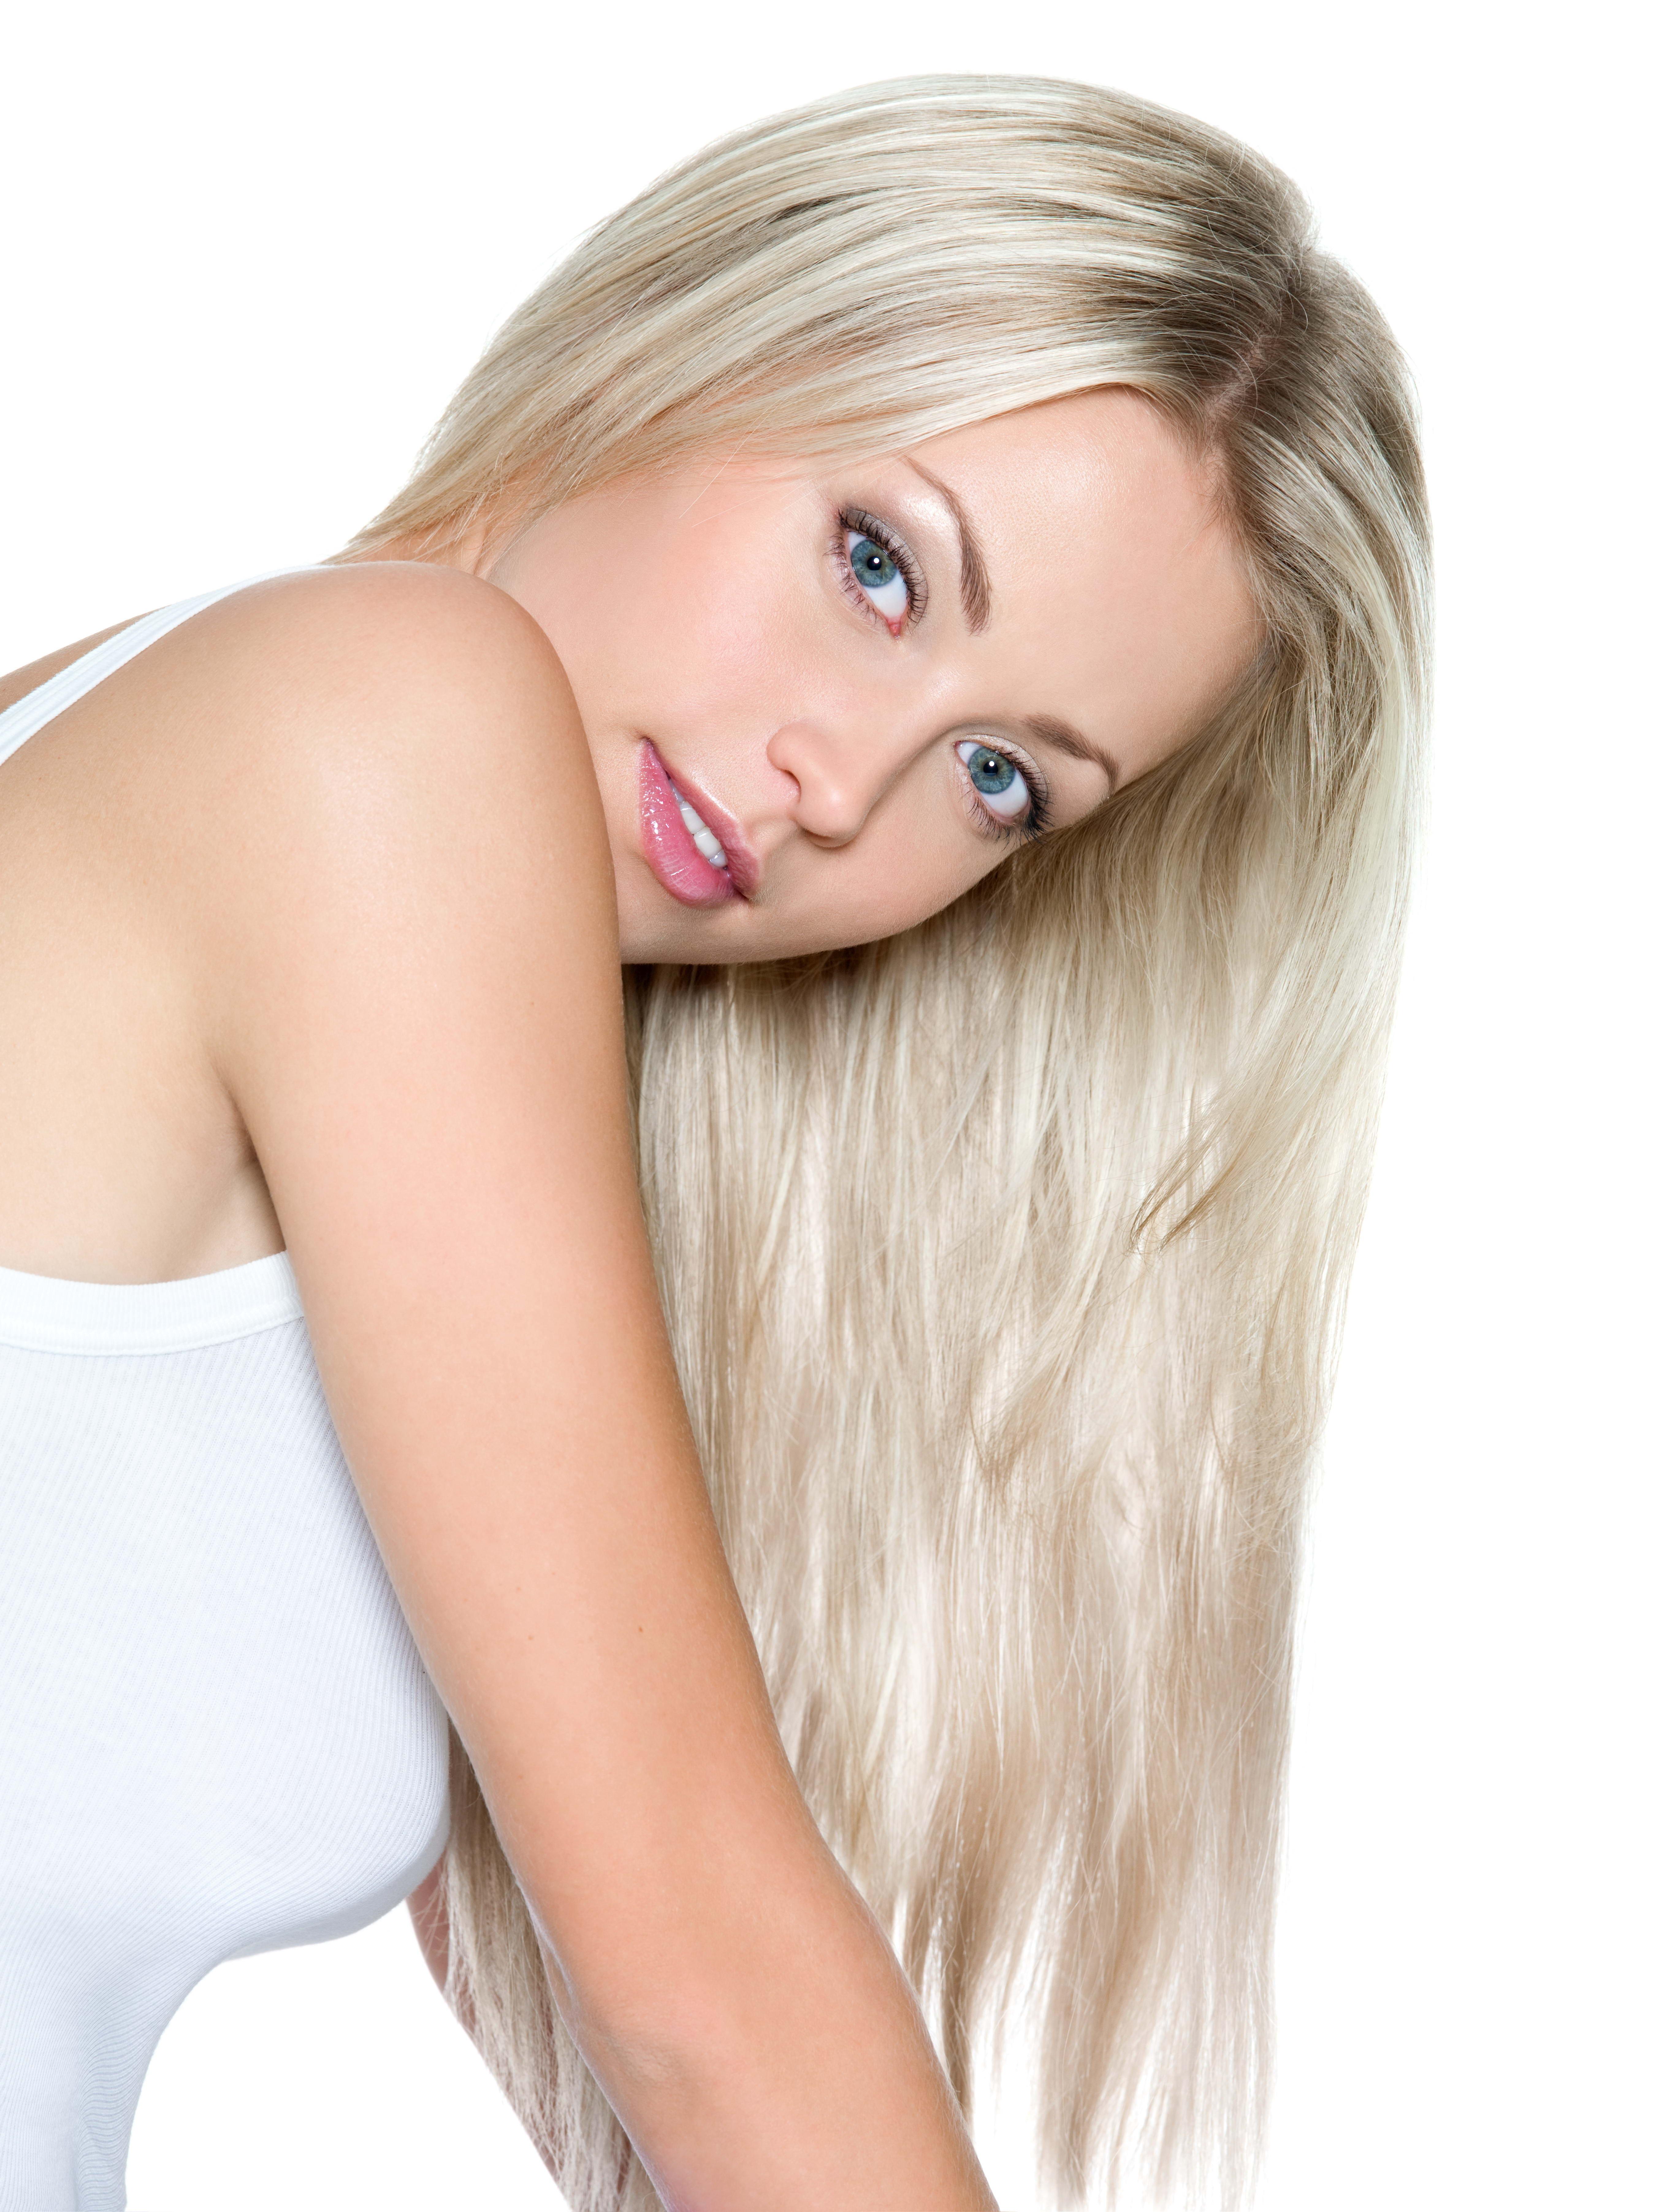 Русые длинноволосые девушки фото